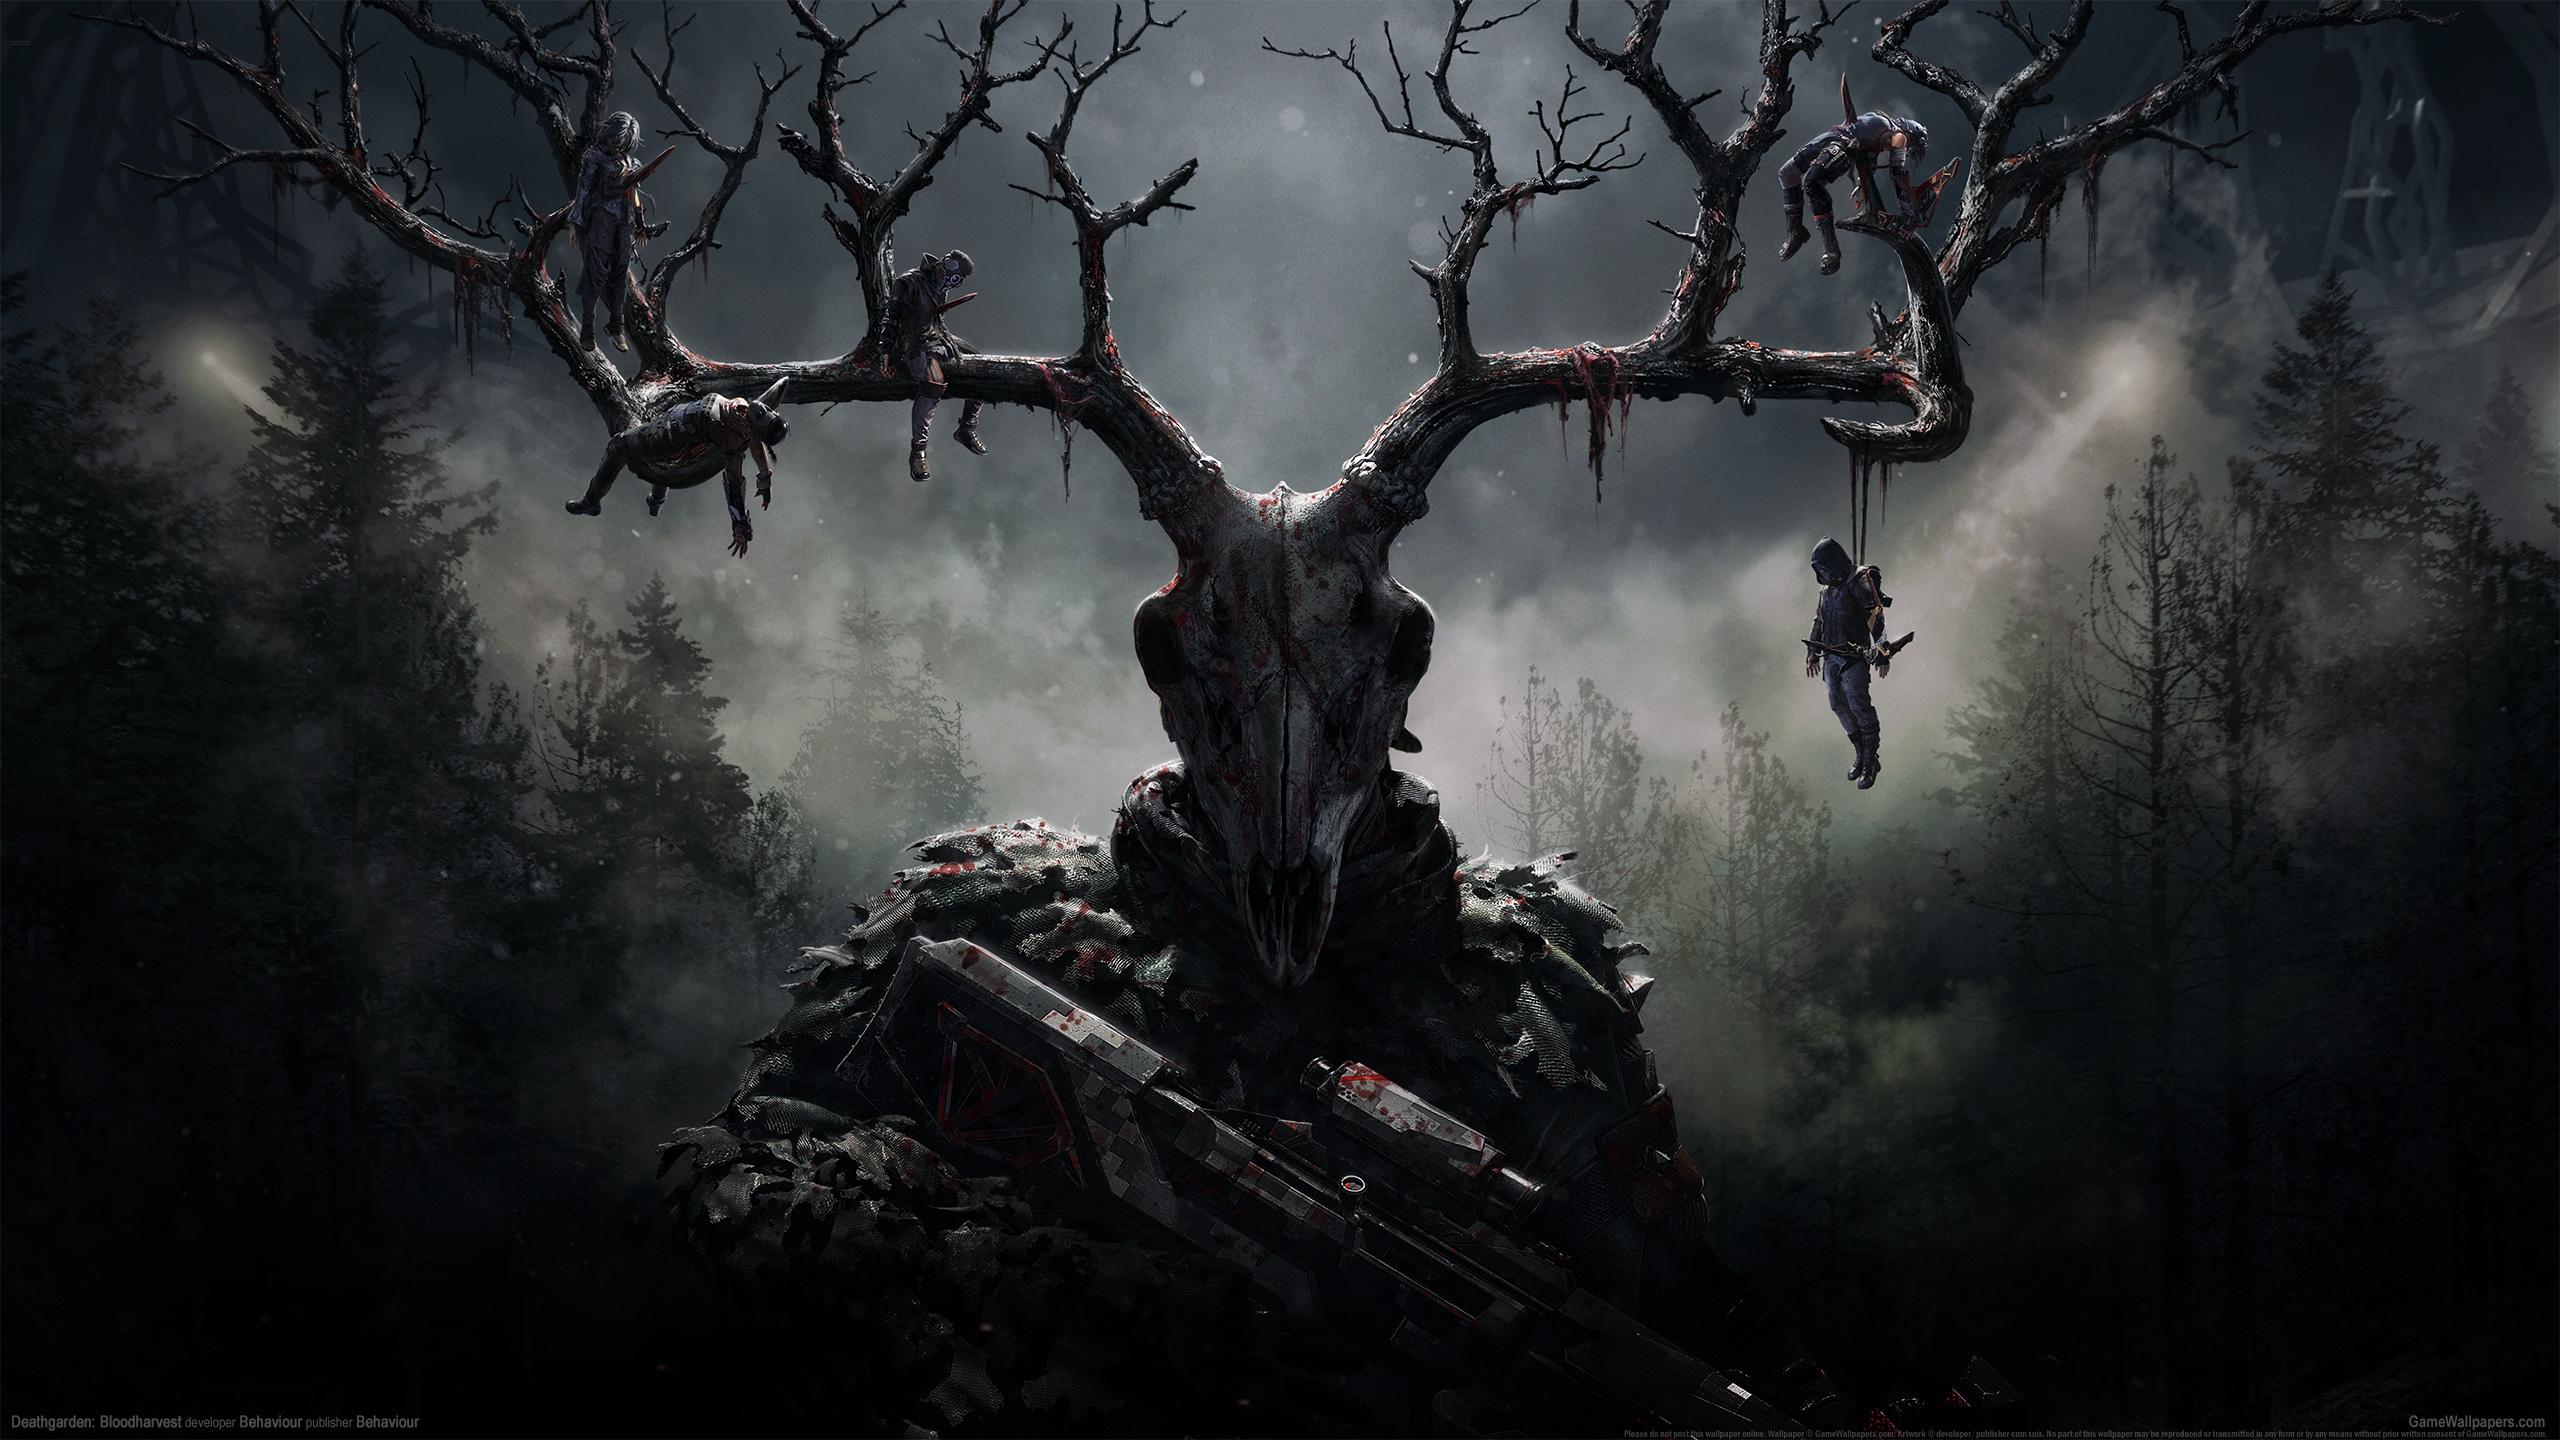 Deathgarden: Bloodharvest 2560x1440 fondo de escritorio 01